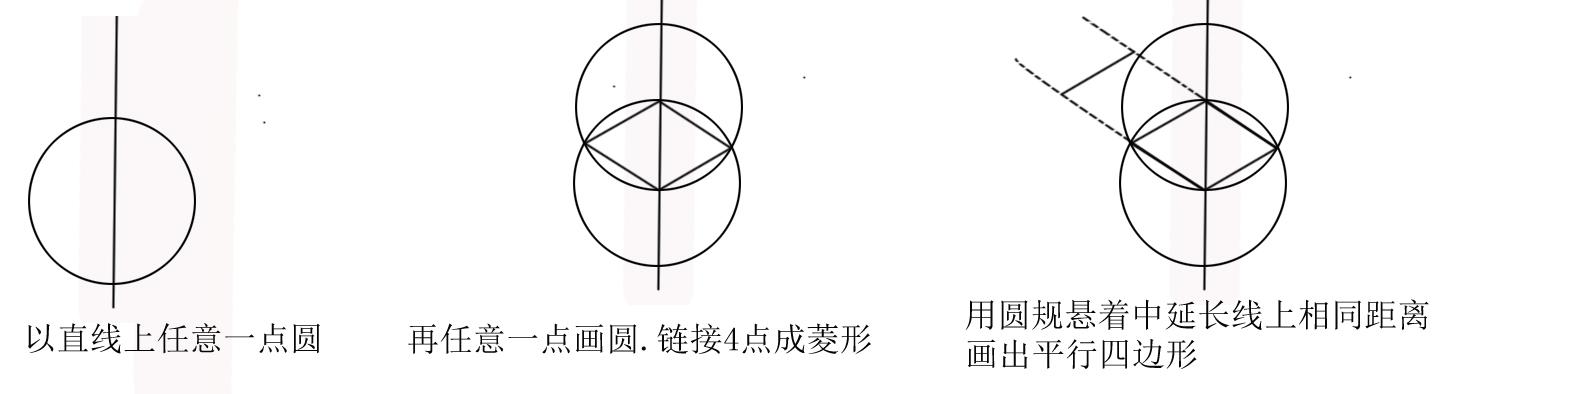 怎么用直尺和圆规作出圆中的内接正三角形和六等分点图片